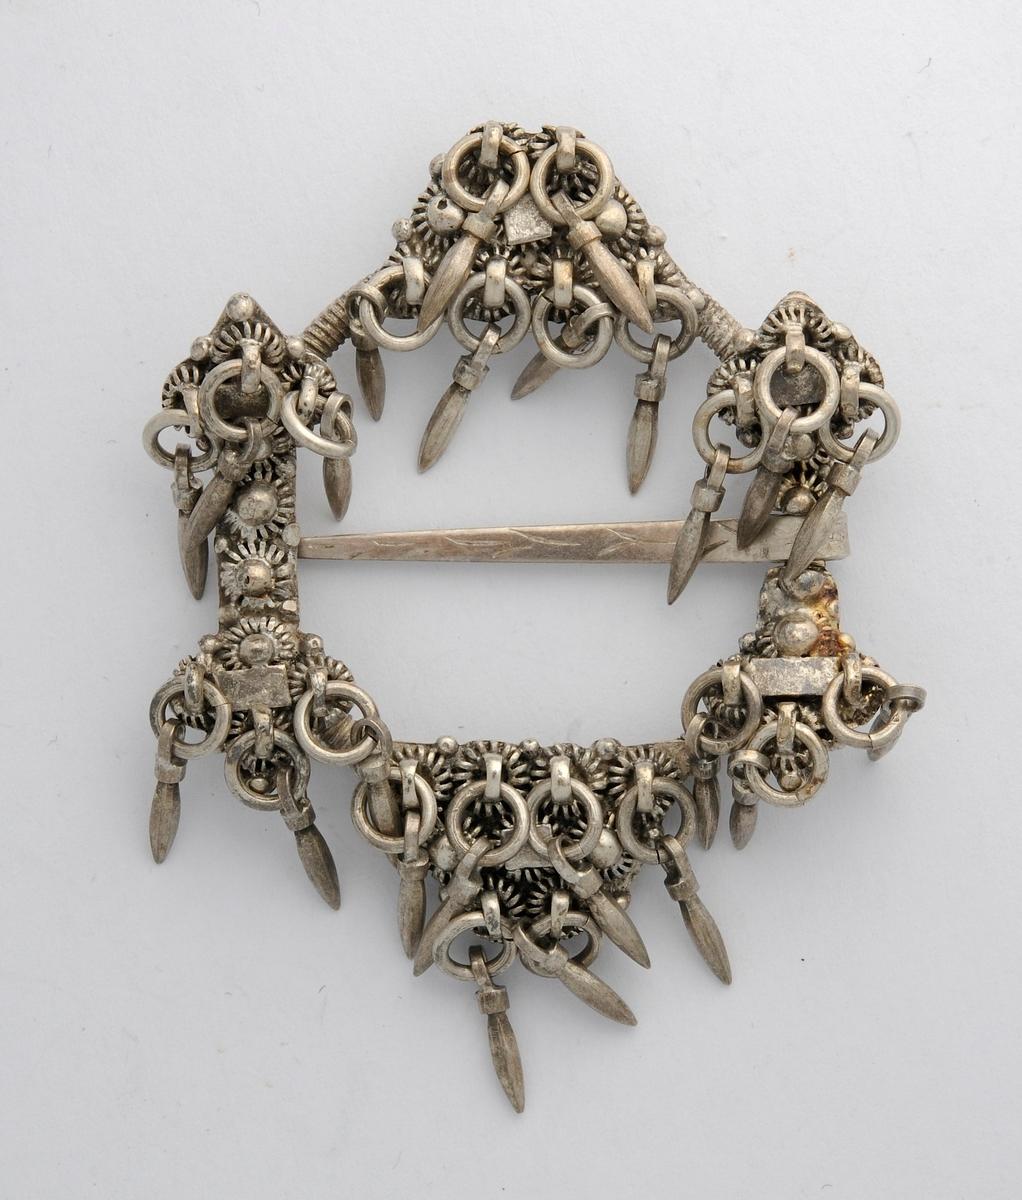 Sølje, hornring i sølv, ingen stempel. På baksida støypt ring med seks pålodda plater i ulike størrelsar. På framsida er platene dekorert med filigransarbeid og heng. Ei tann (nål) med lite dekor på.